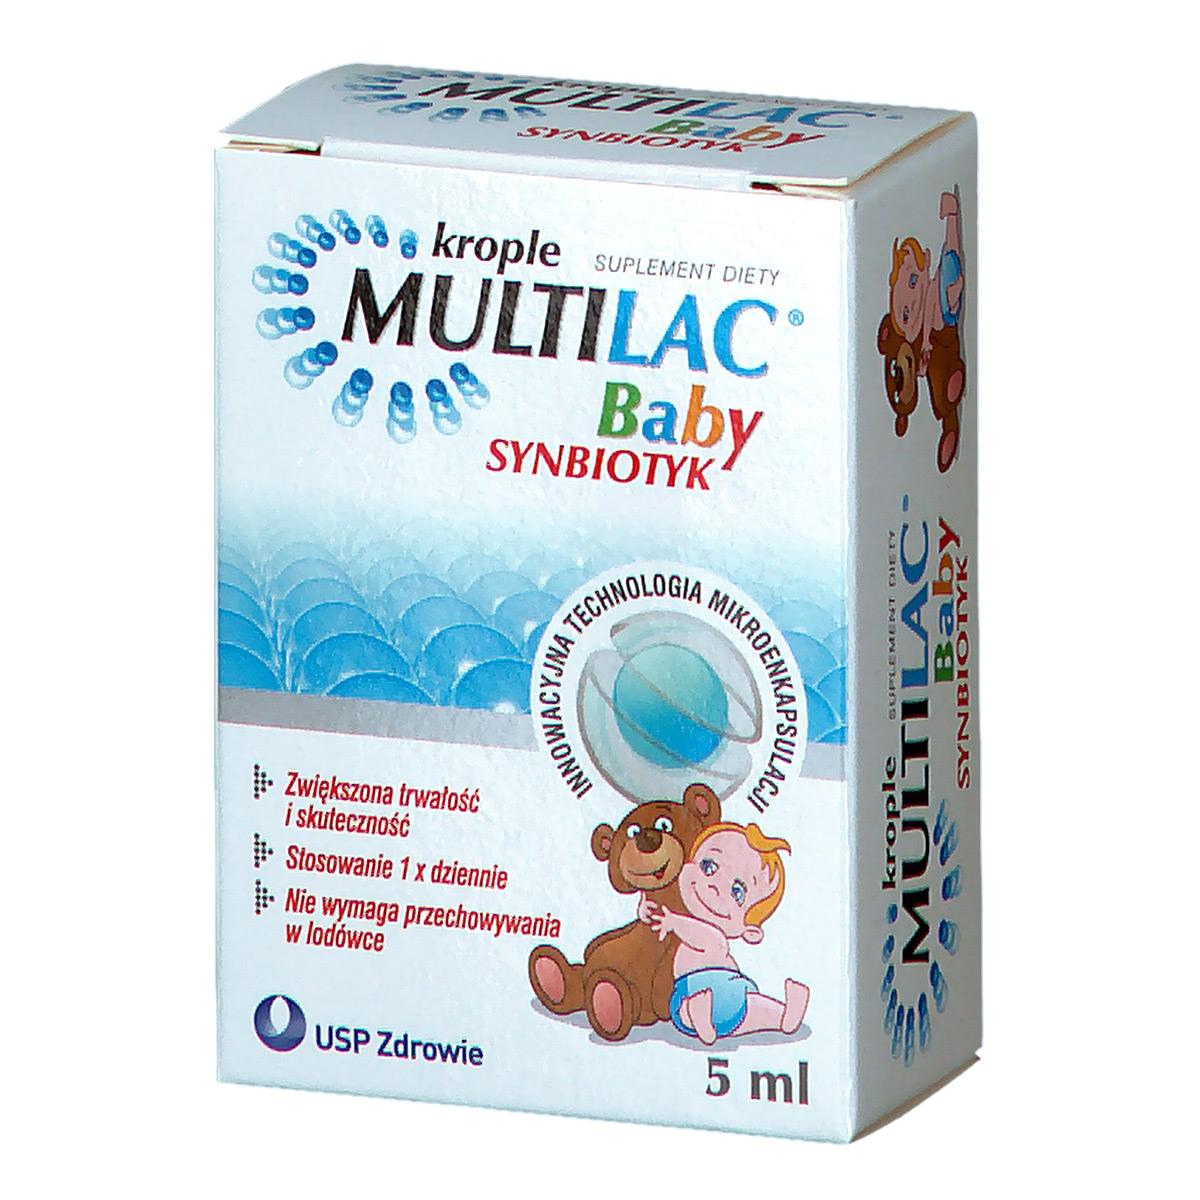 Multilac baby synbiotyk krople